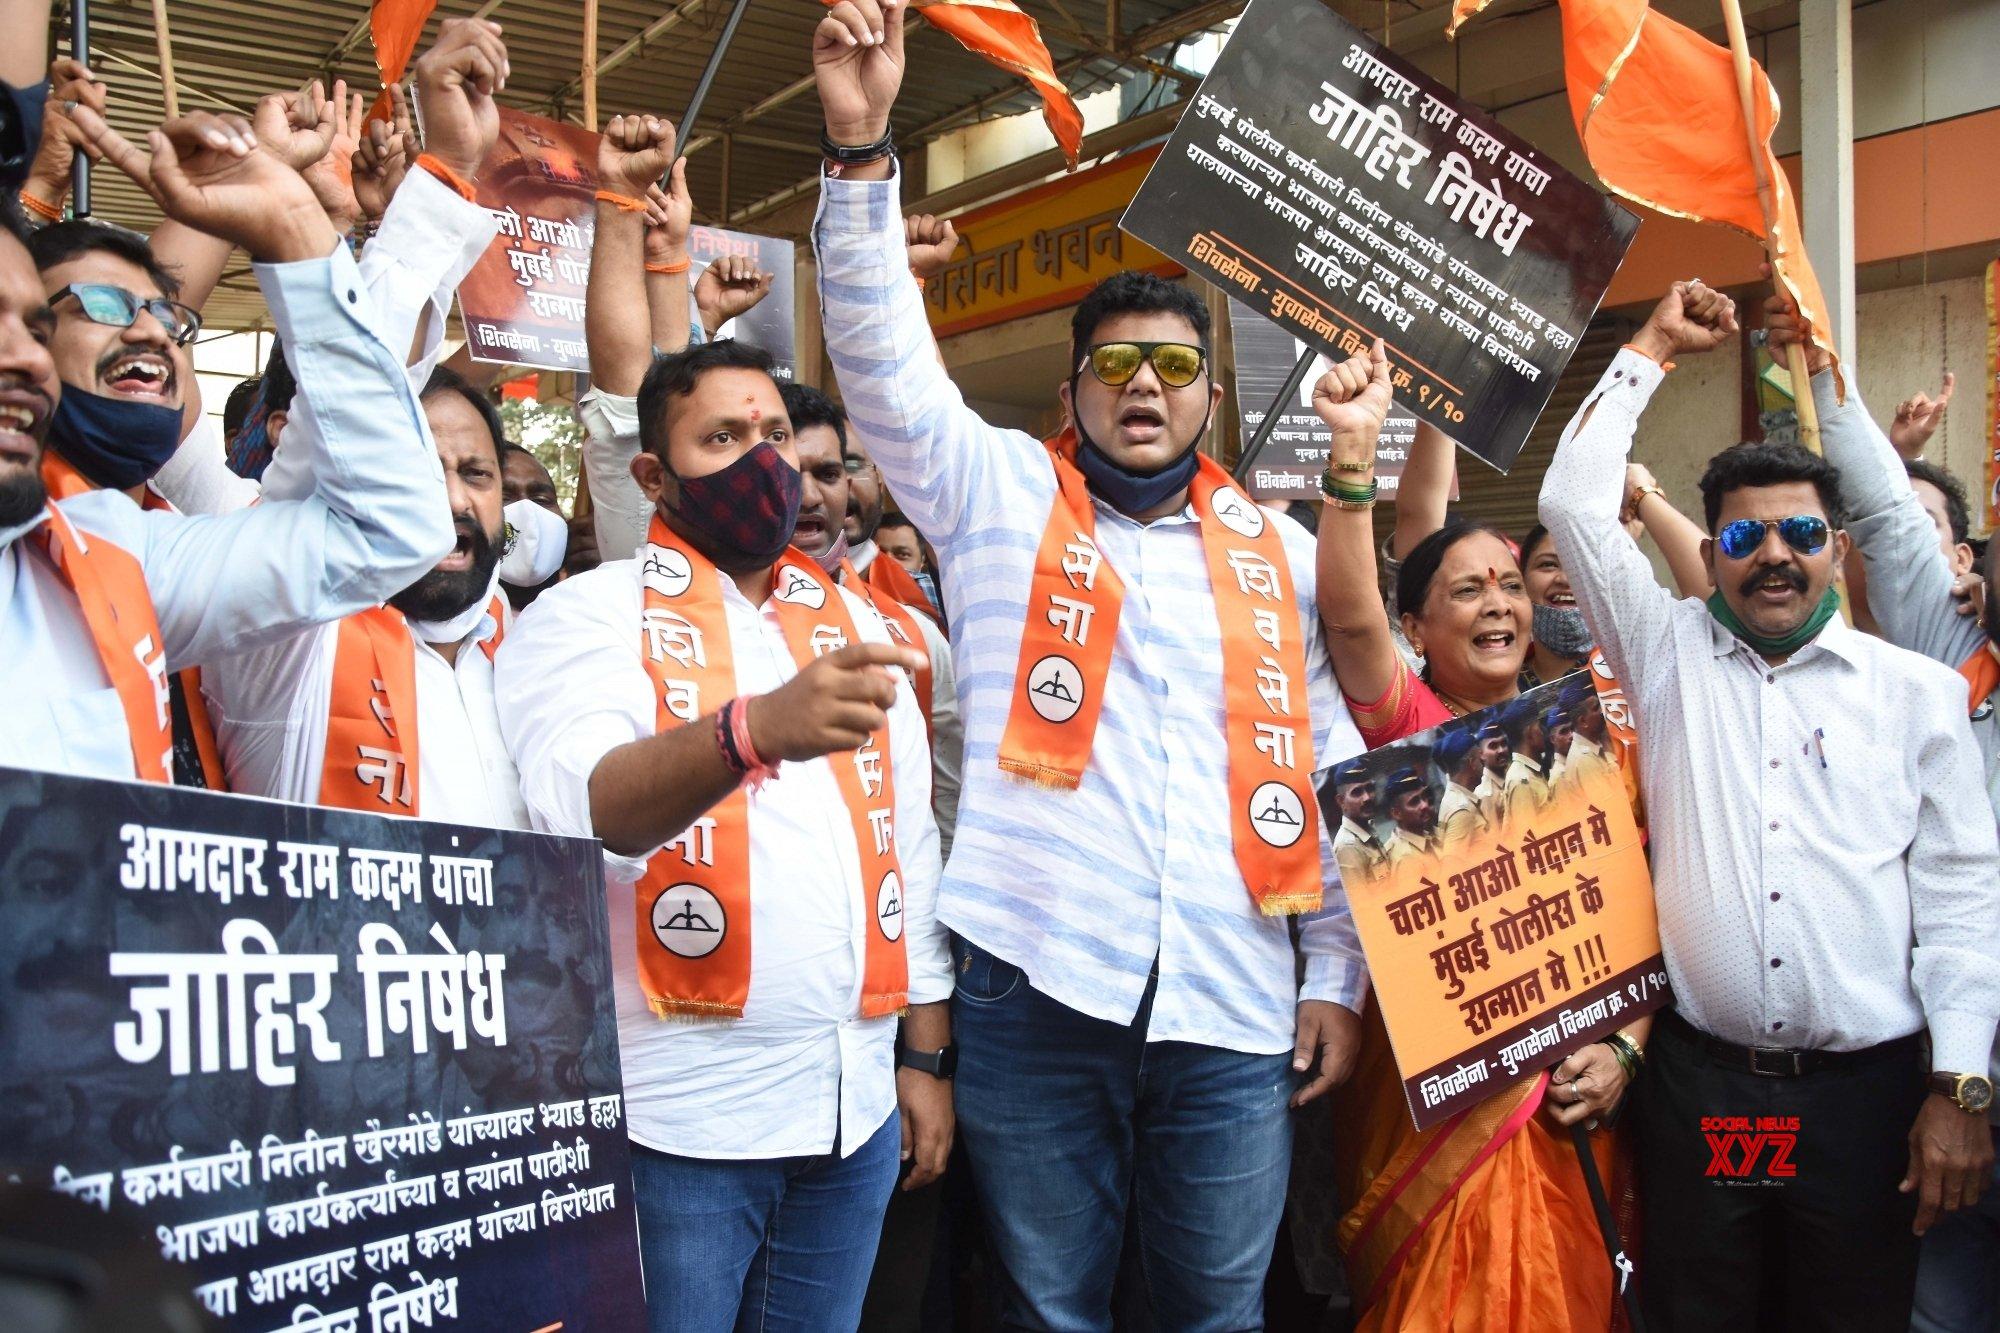 Mumbai: Sena youth wing to stage protests against BJP MLA, Ram Kadam #Gallery